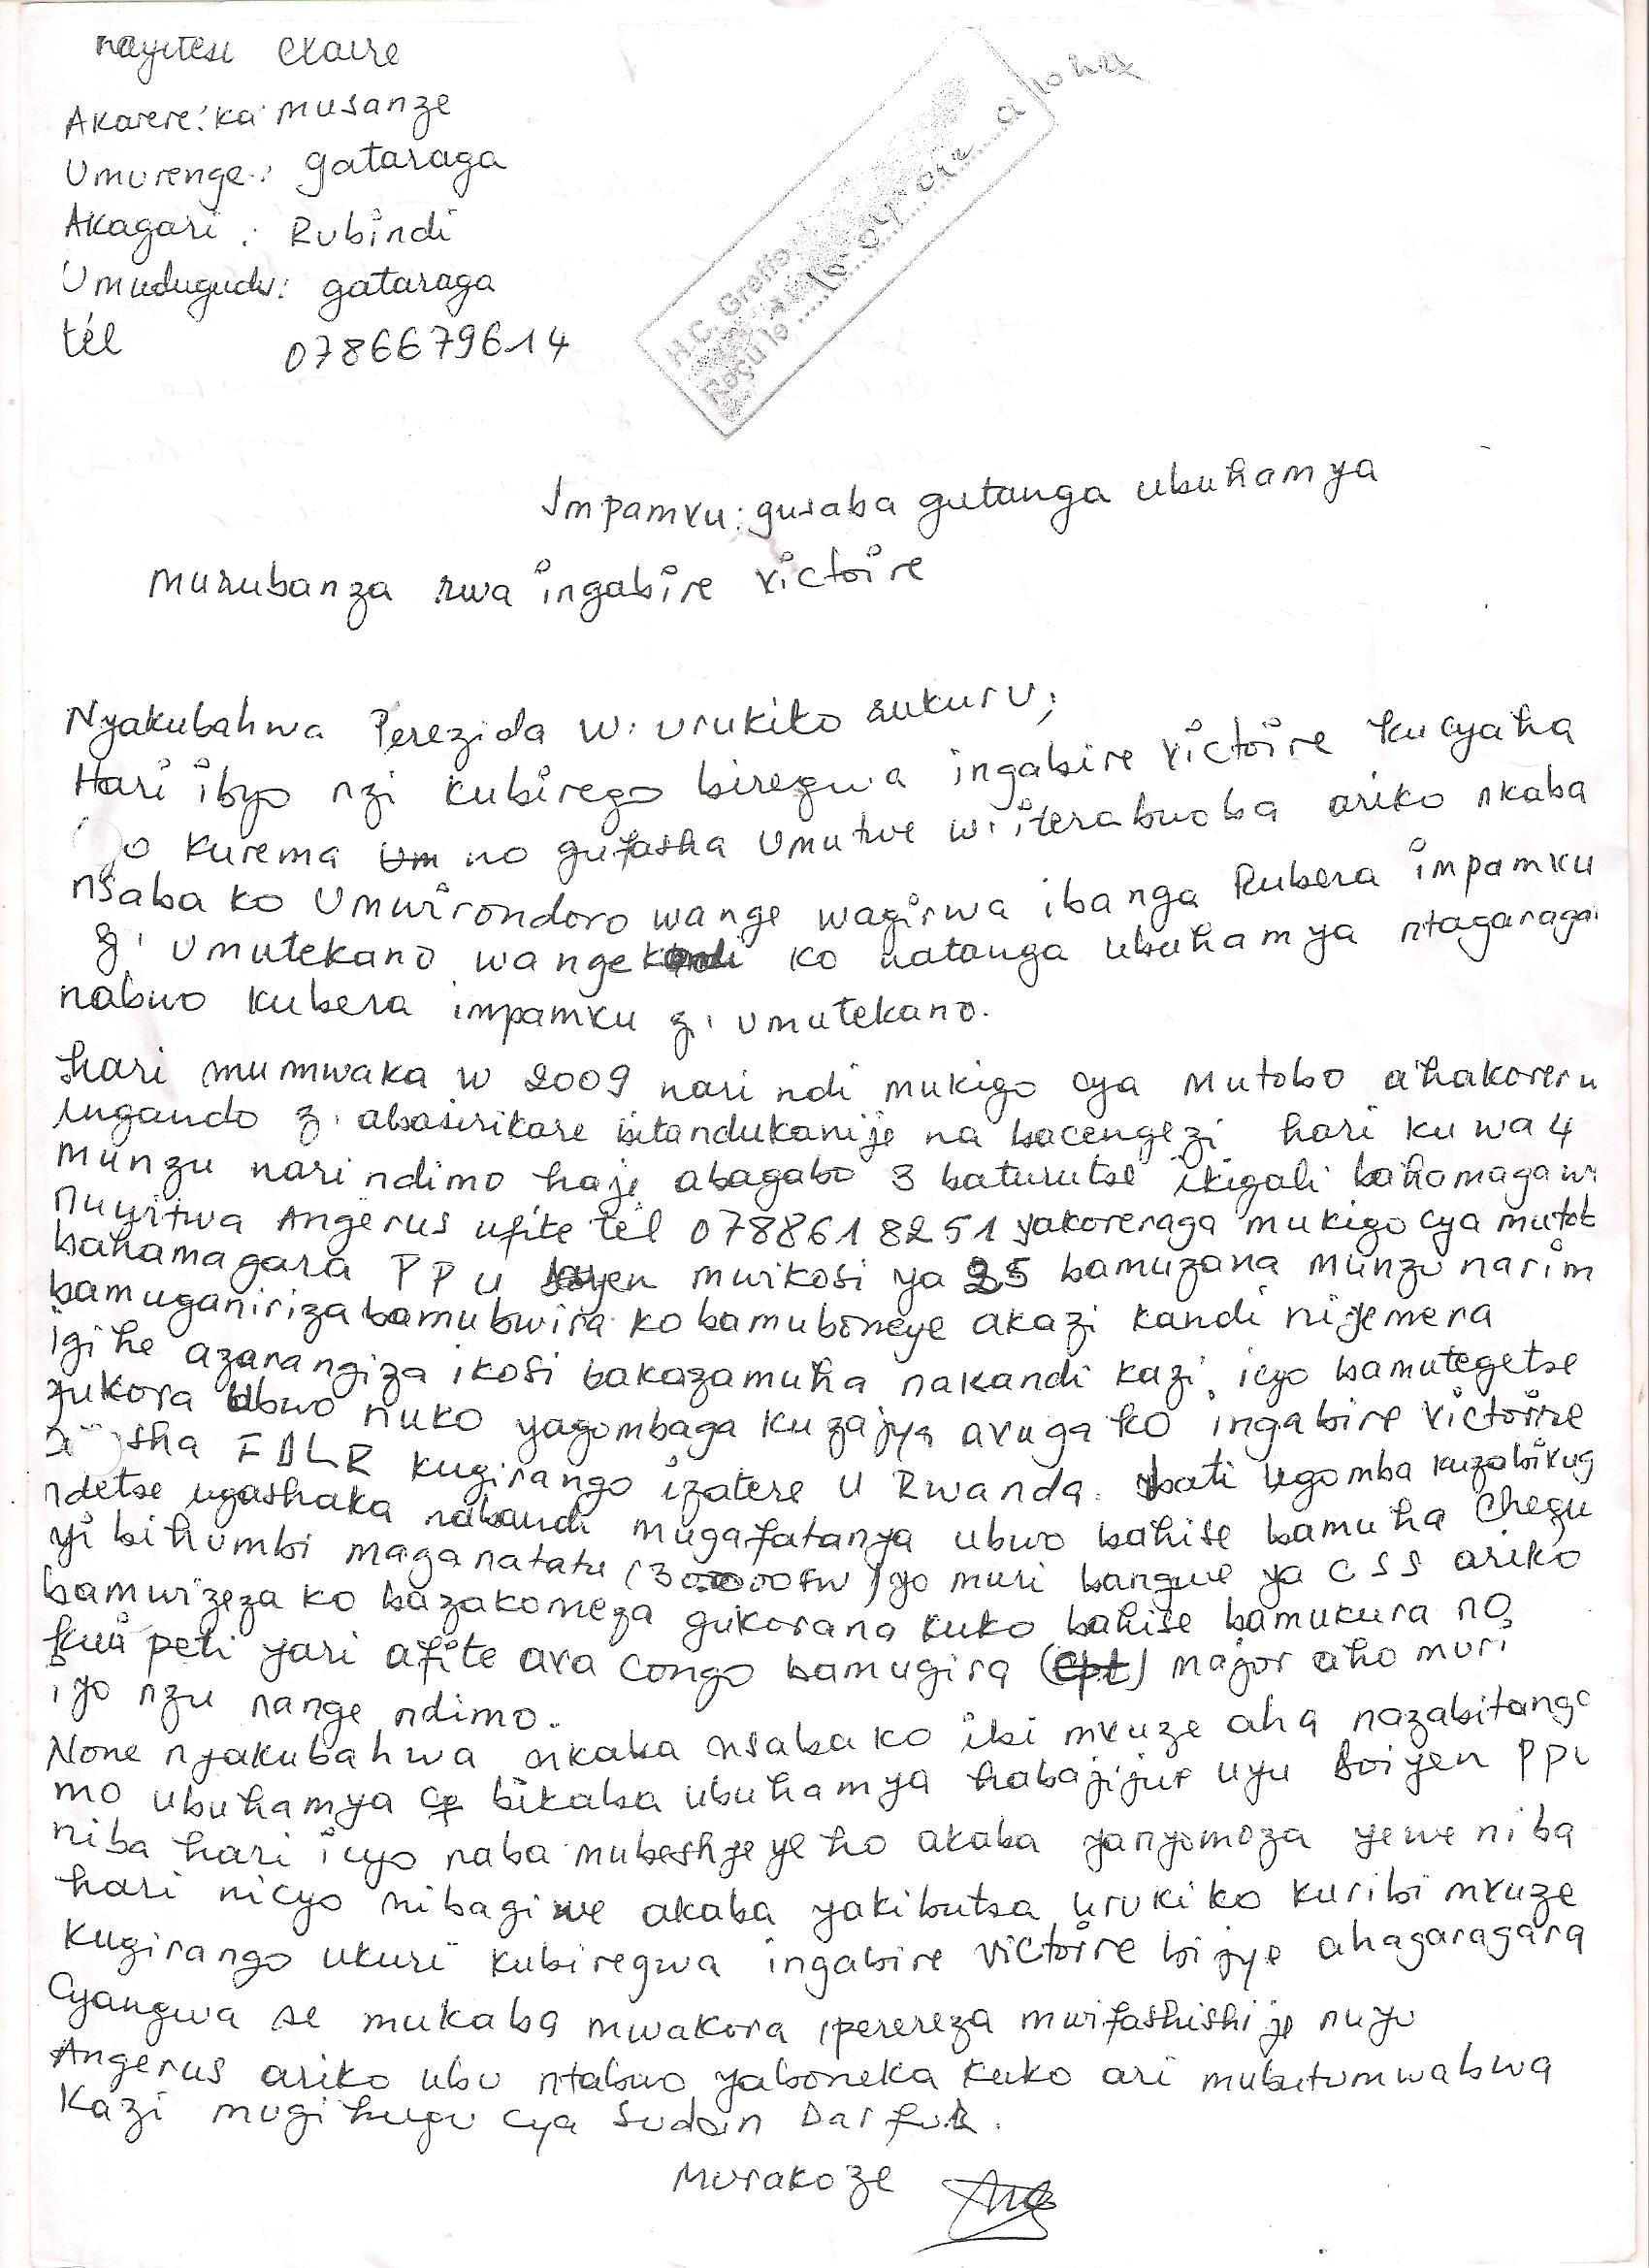 http://www.fdu-rwanda.com/wp-content/uploads/2013/05/ubuhamya-Kayitesi-Claire.jpeg